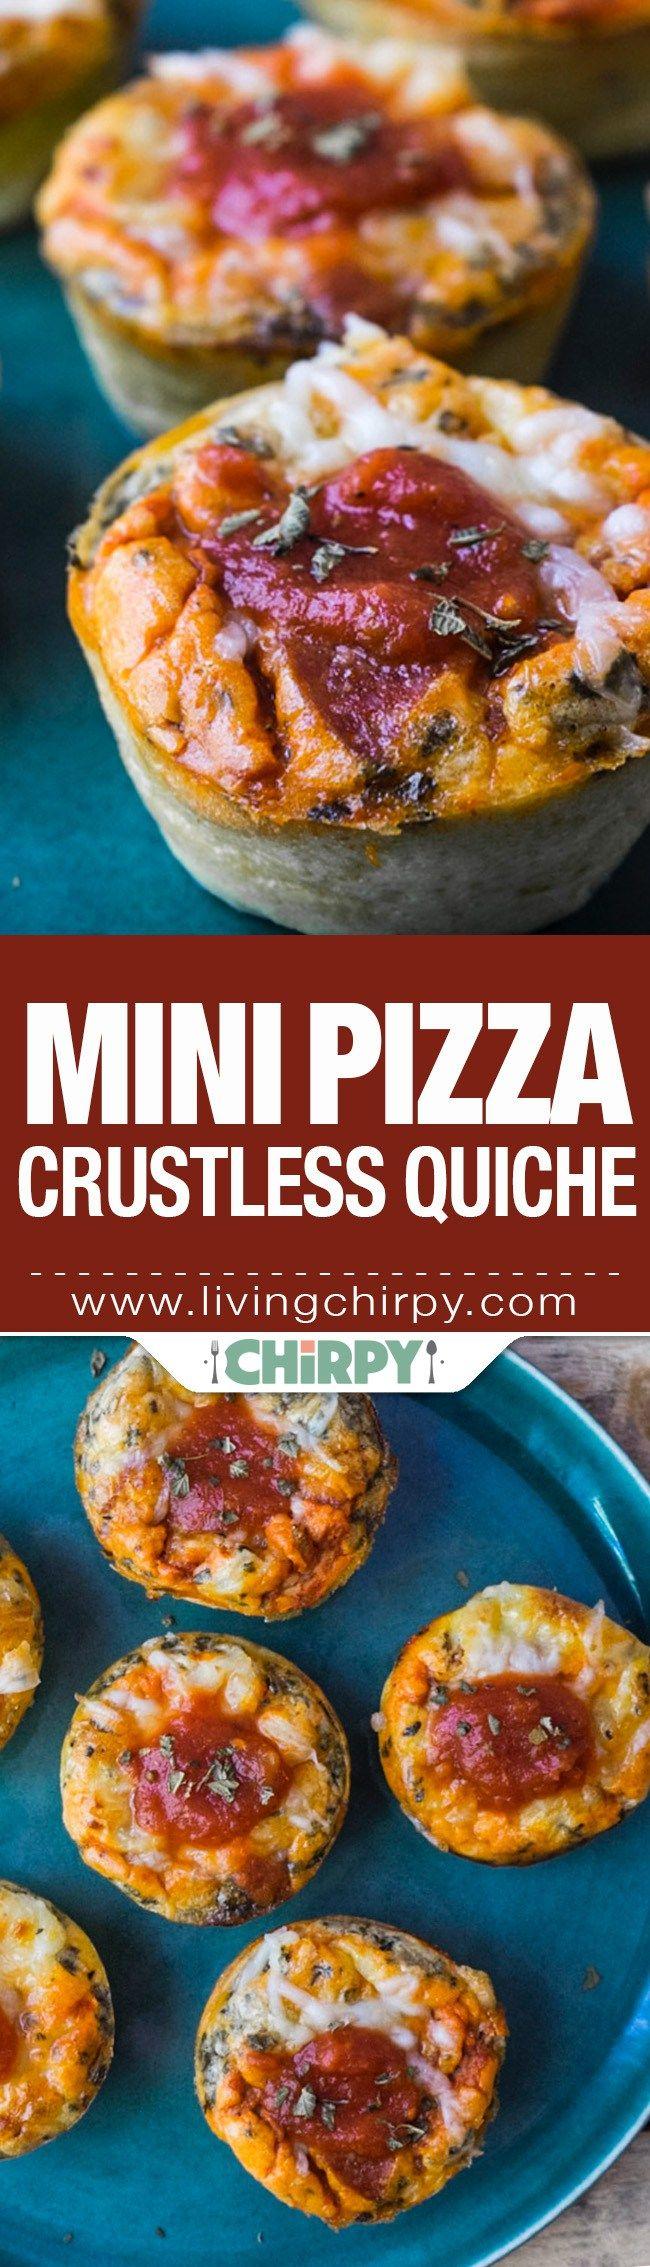 Mini Pizza Crustless Quiche